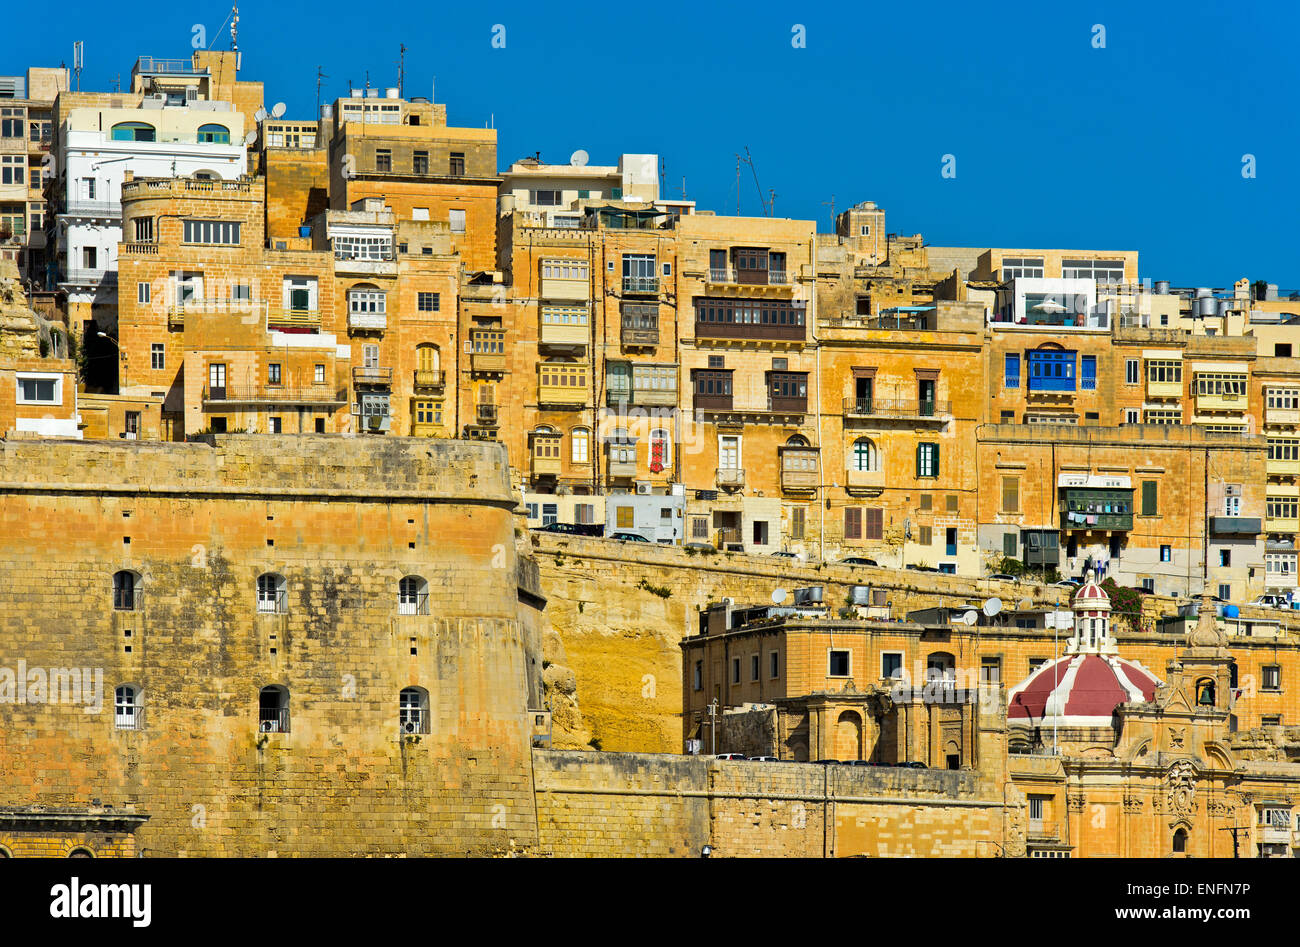 Historic centre of Valletta, Malta - Stock Image